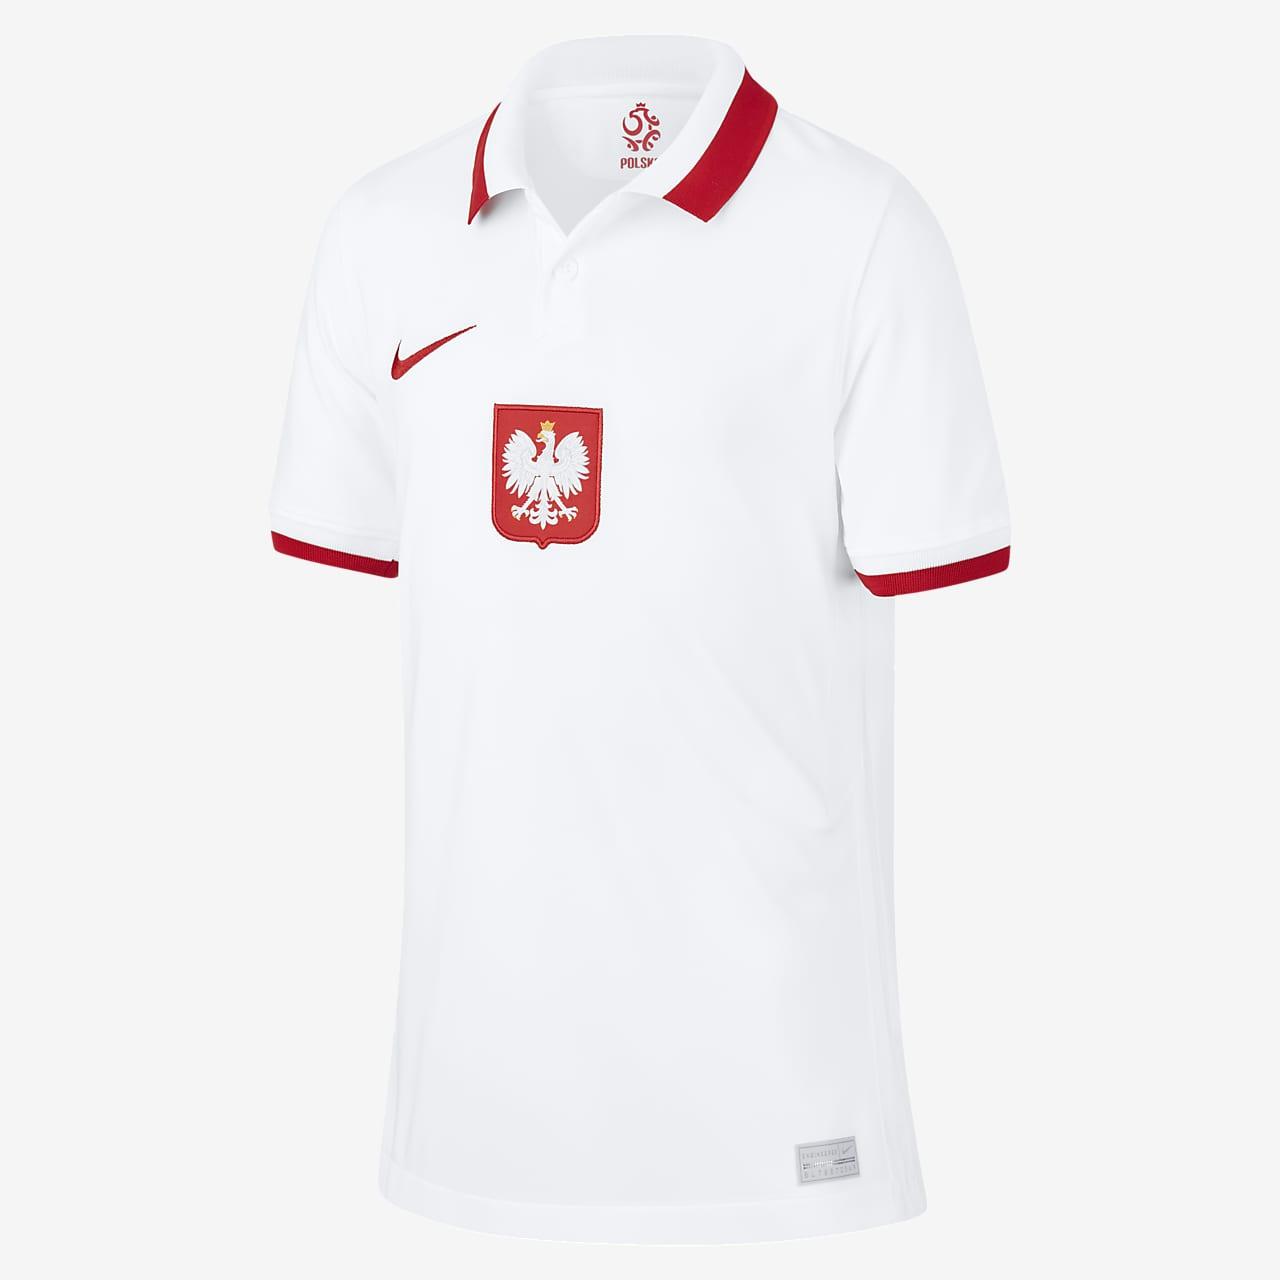 Polen 2020 Stadium Home-fodboldtrøje til store børn